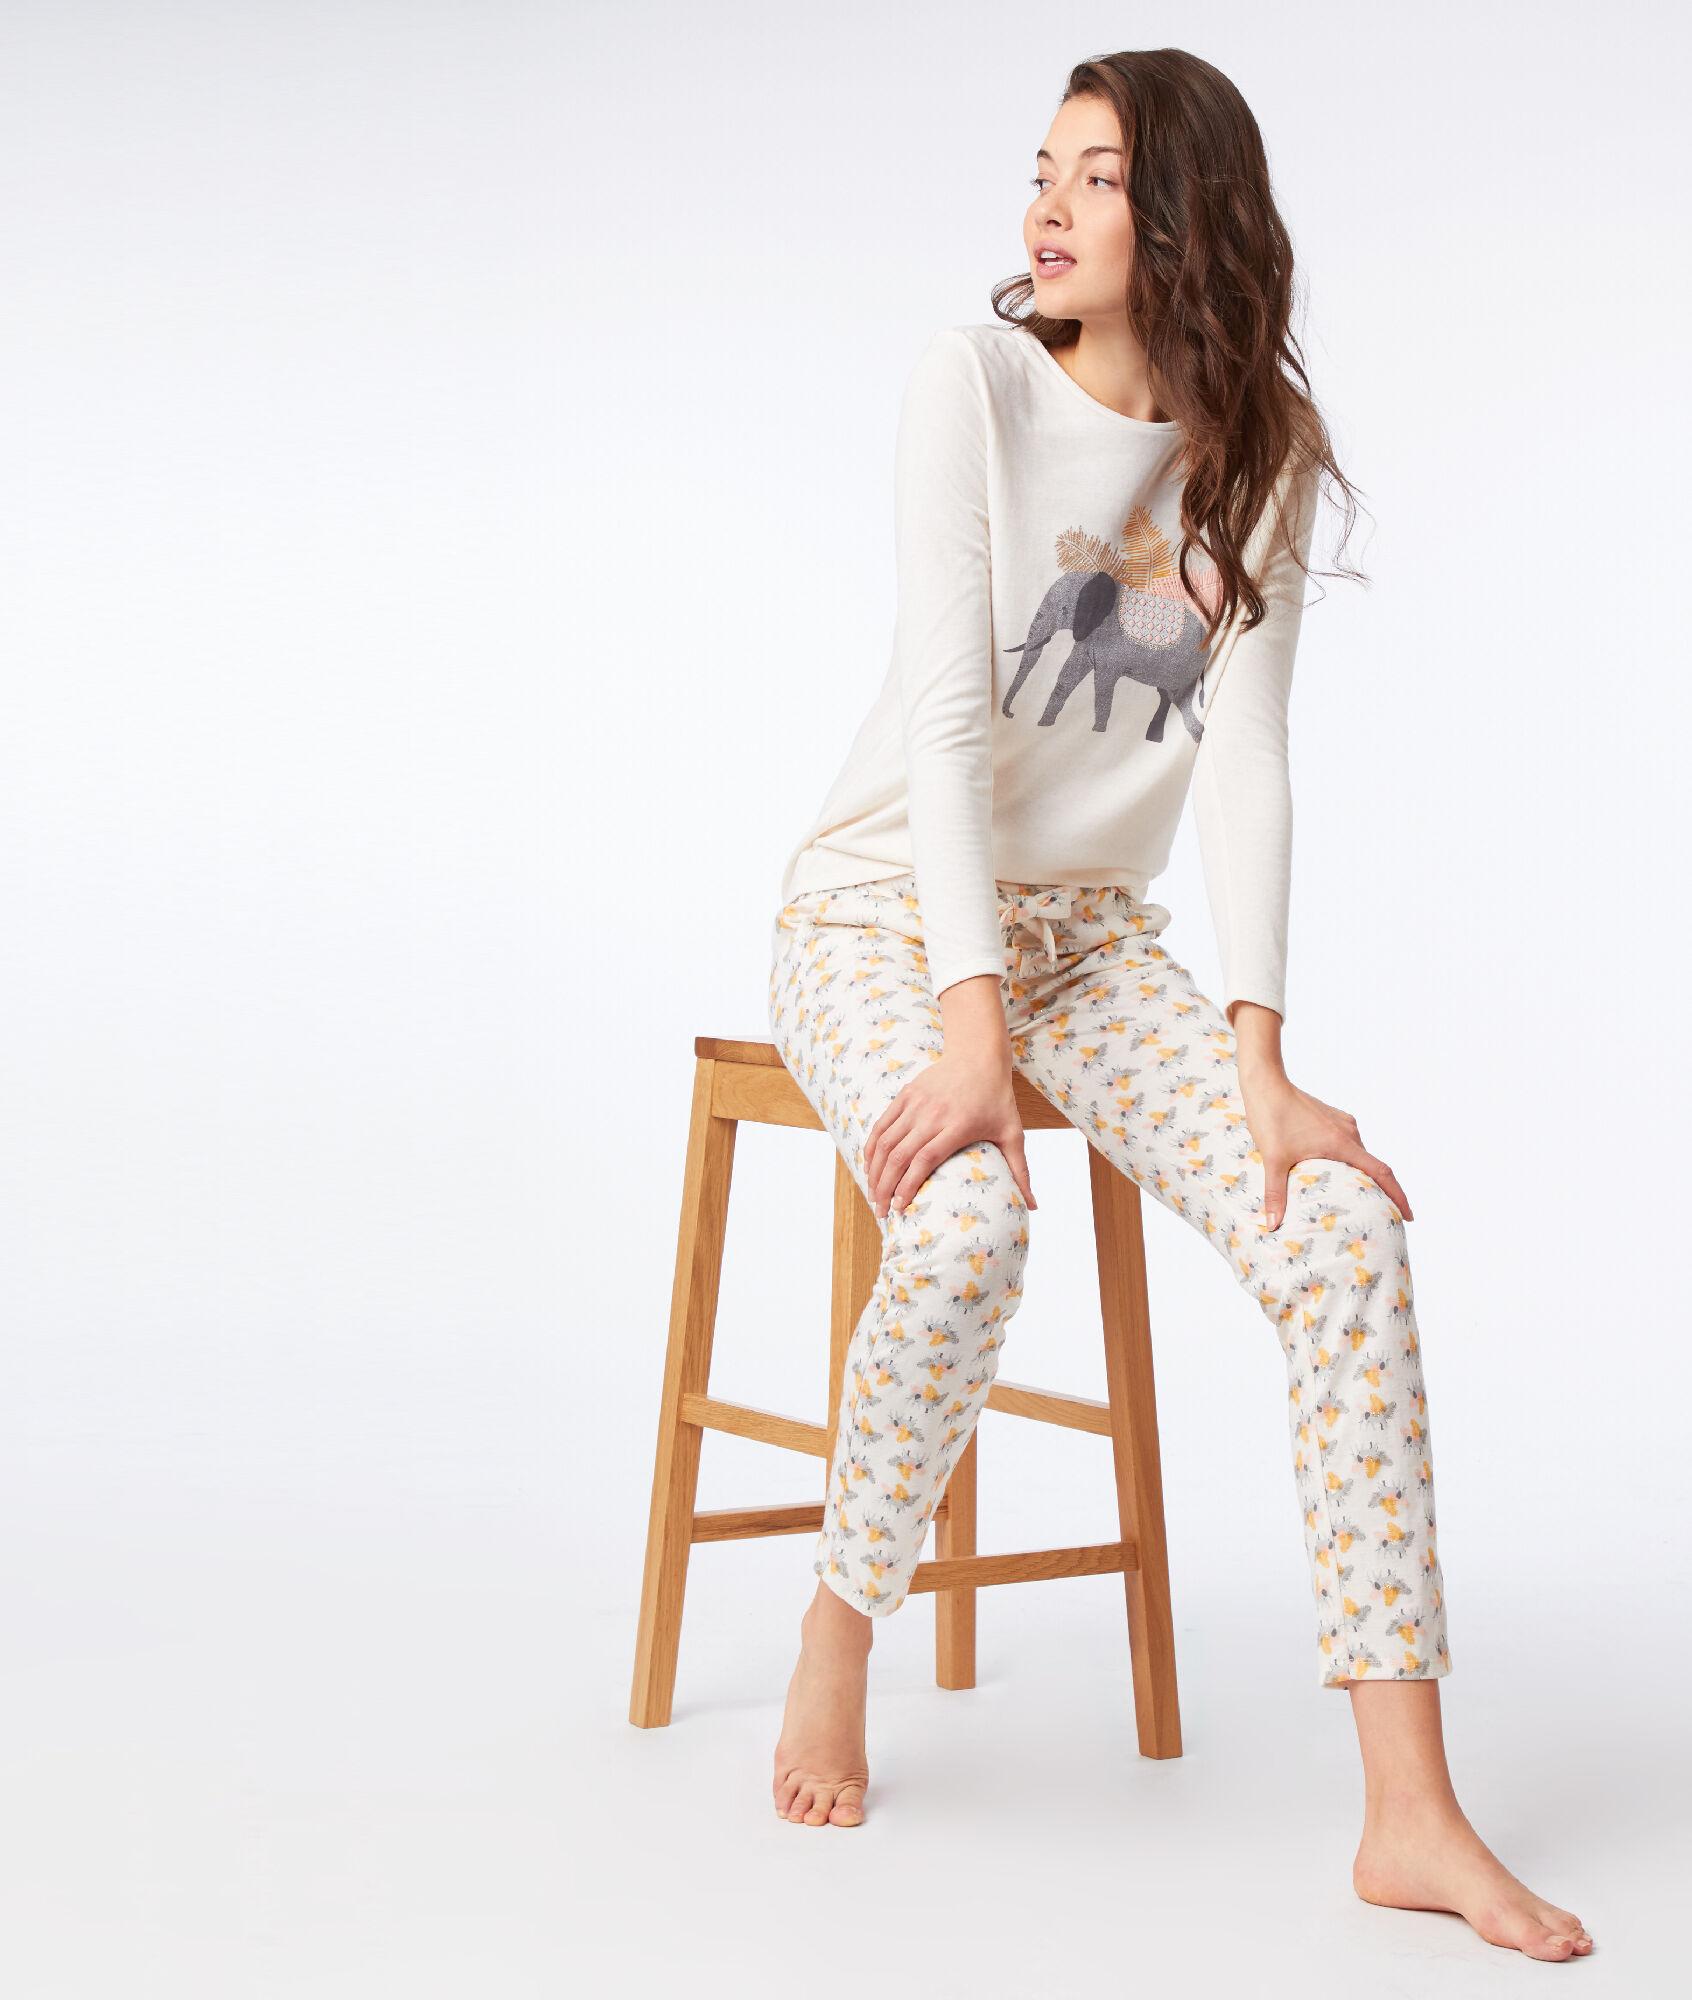 Pantalones Mujer De PijamaCortosLargos Etam Pijamas hCBsQrtdx